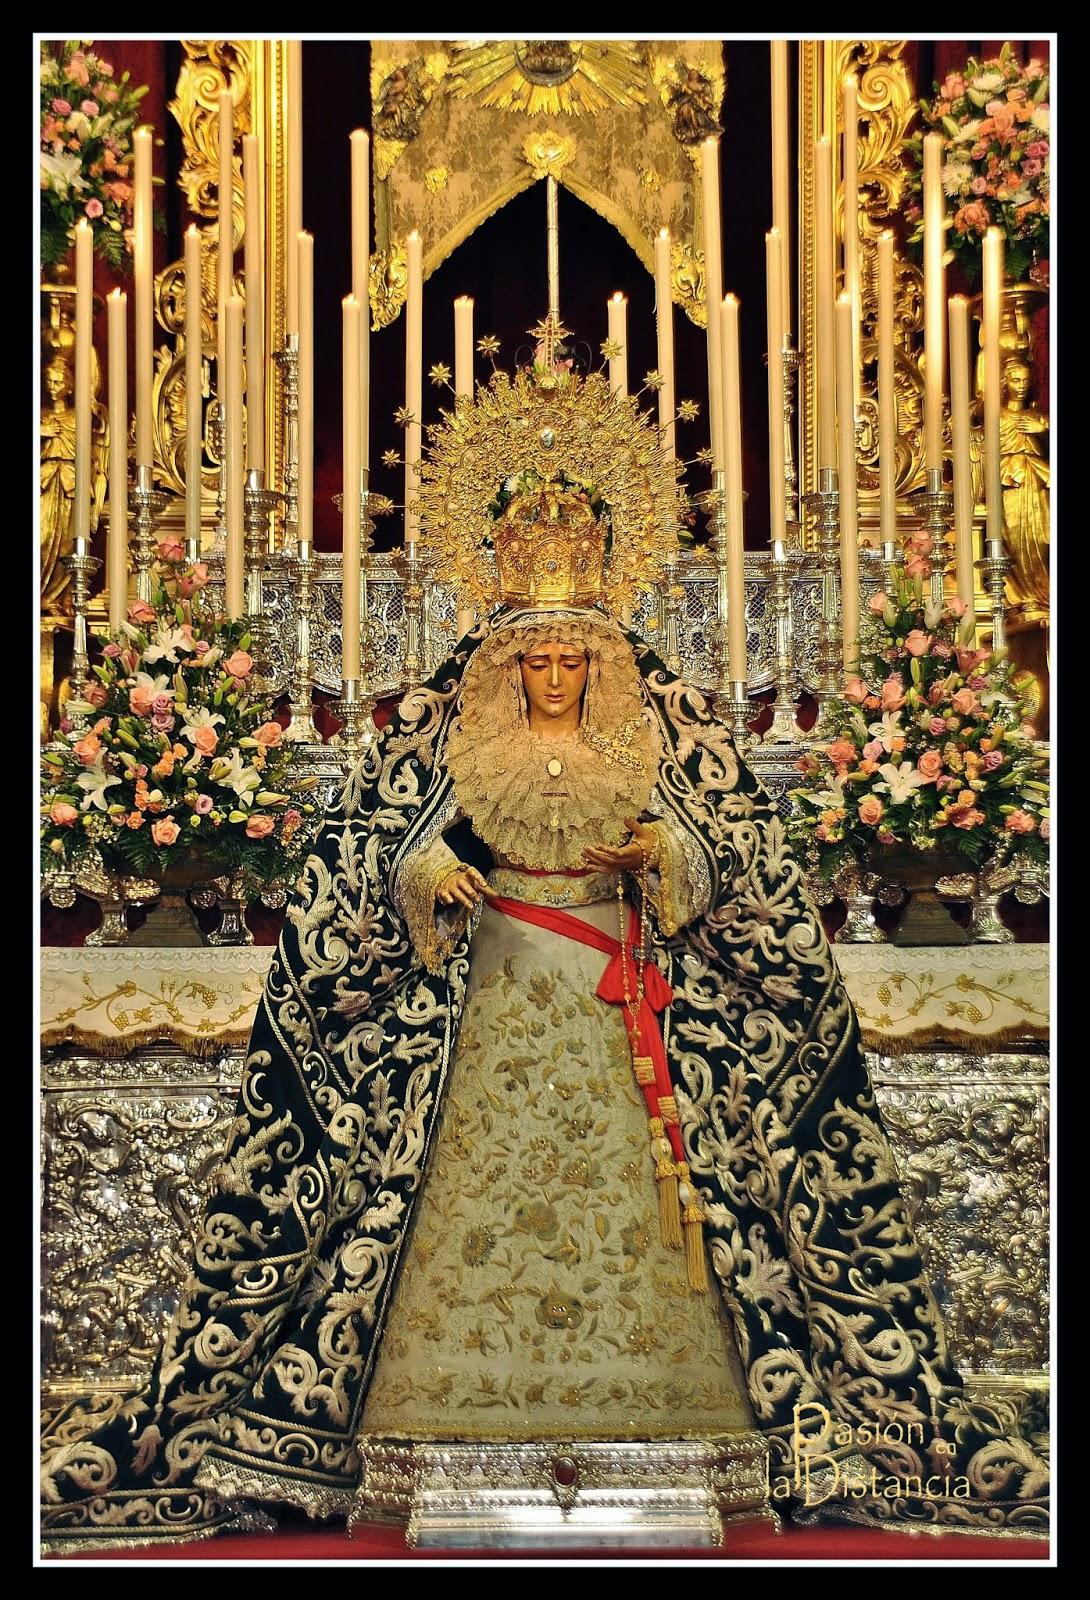 Virgen de la Candelaria Sevilla Besamanos